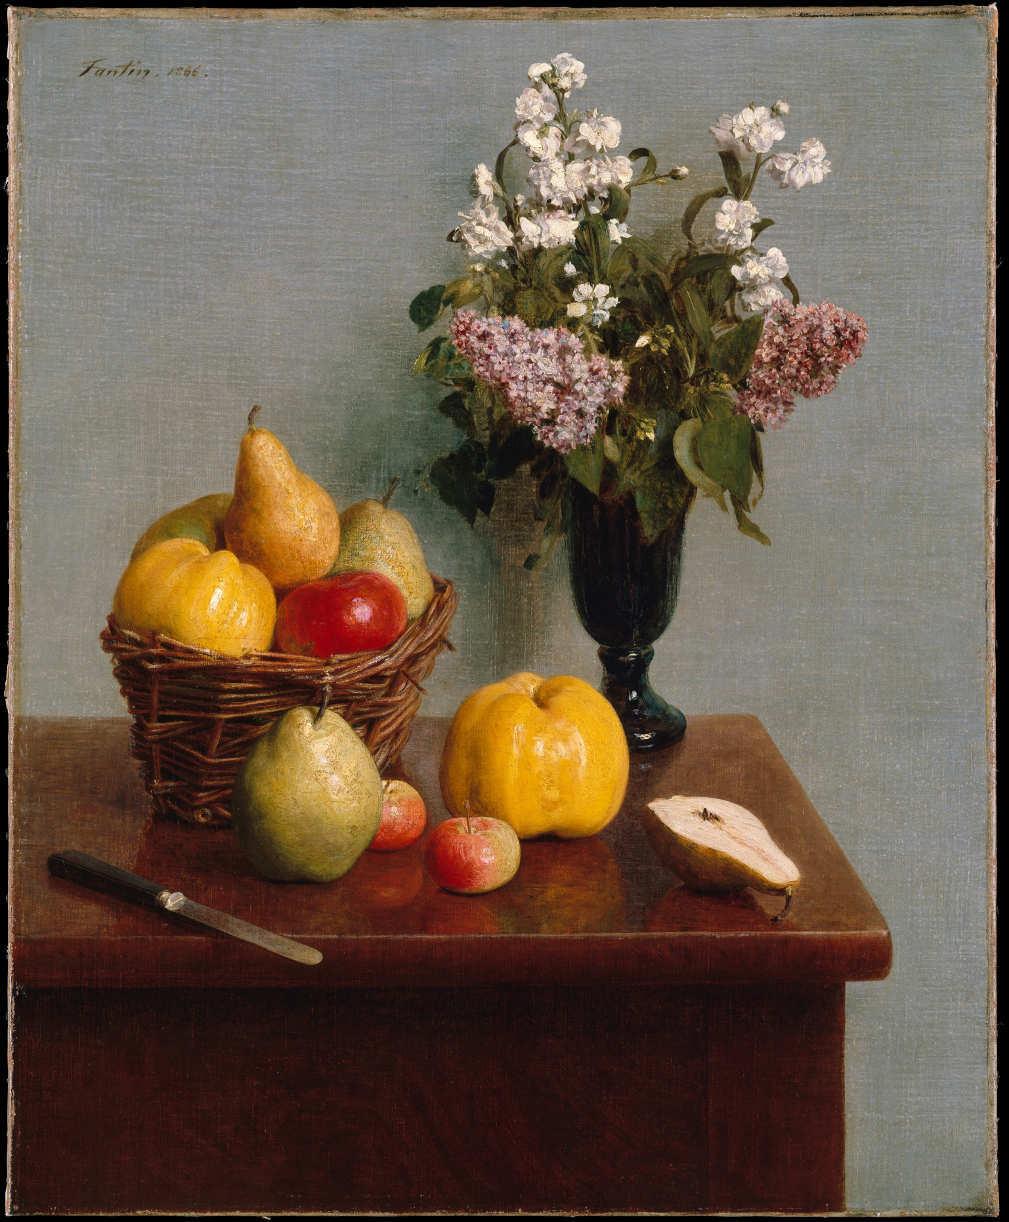 Henri Fantin-Latour, Stillleben mit Blumen und Früchten, 1866, Öl auf Leinwand, 73 x 60 cm (Metropolitan Museum of Art, New York, Purchase, Mr. and Mrs. Richard J. Bernhard Gift, by exchange, 1980)